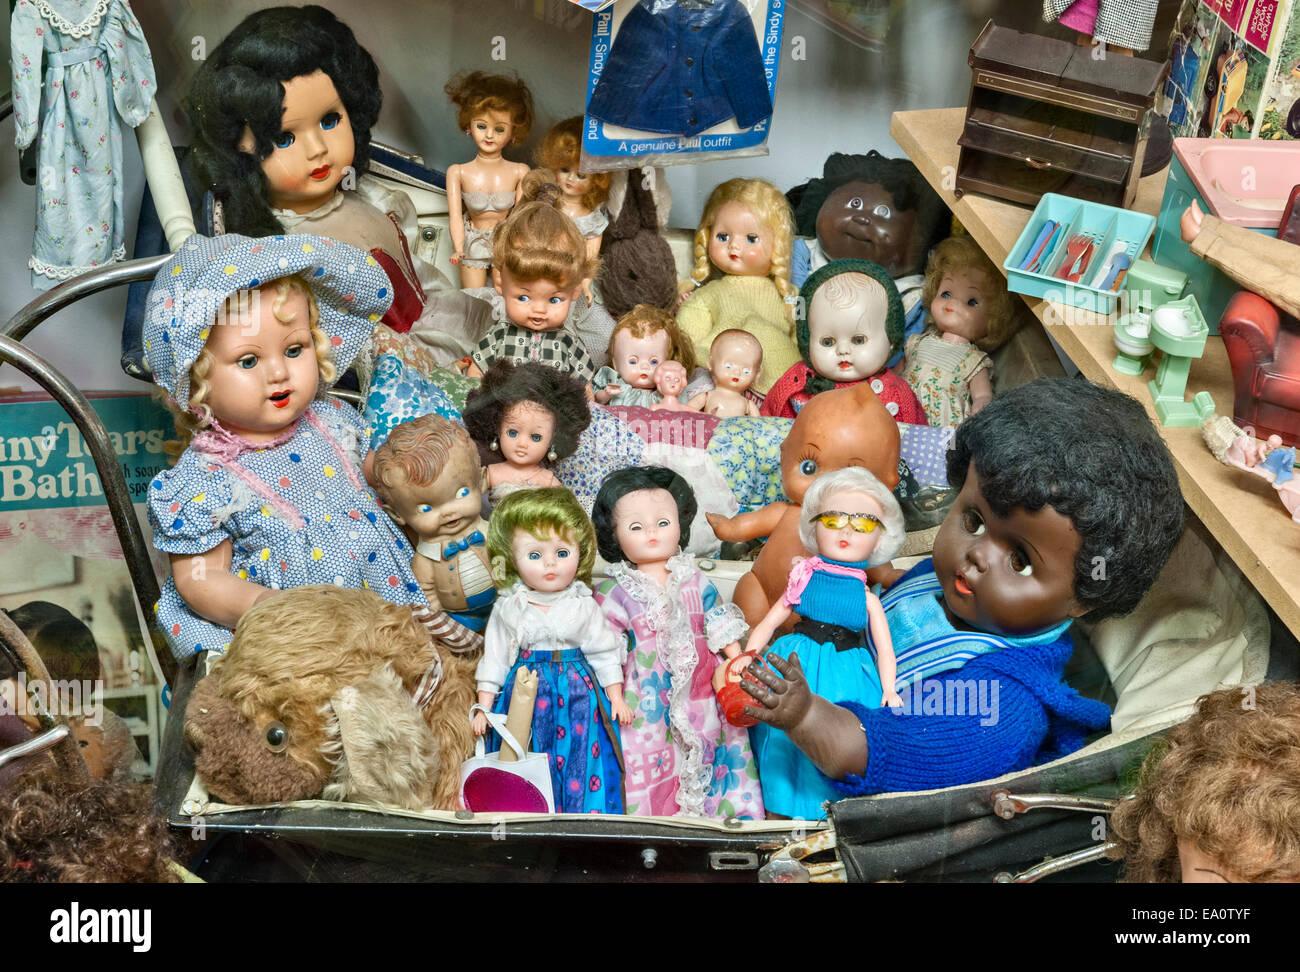 La Terra di contenuto perso , un museo di 20c British cultura popolare, craven arms, Shropshire. Bambole Immagini Stock